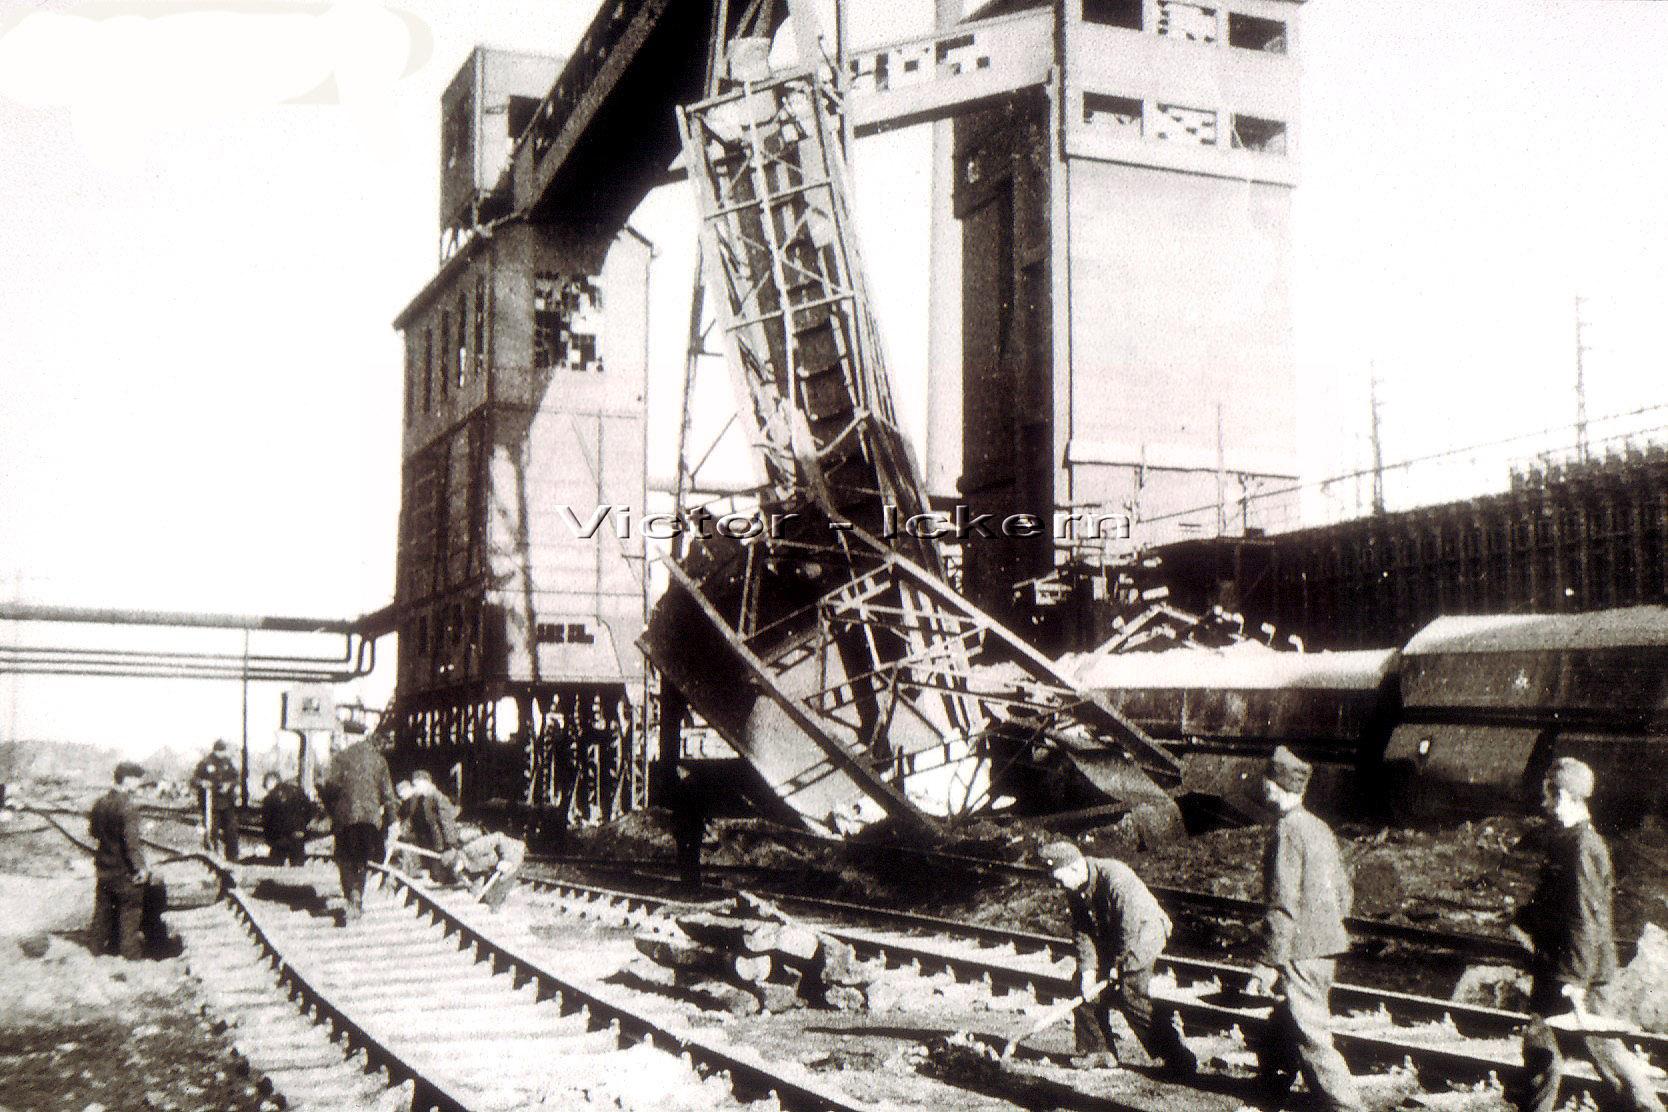 Russen beim Aufräumarbeiten im Zechenbahnhof Victor III/IV nach dem Angriff vom 09.11.1944